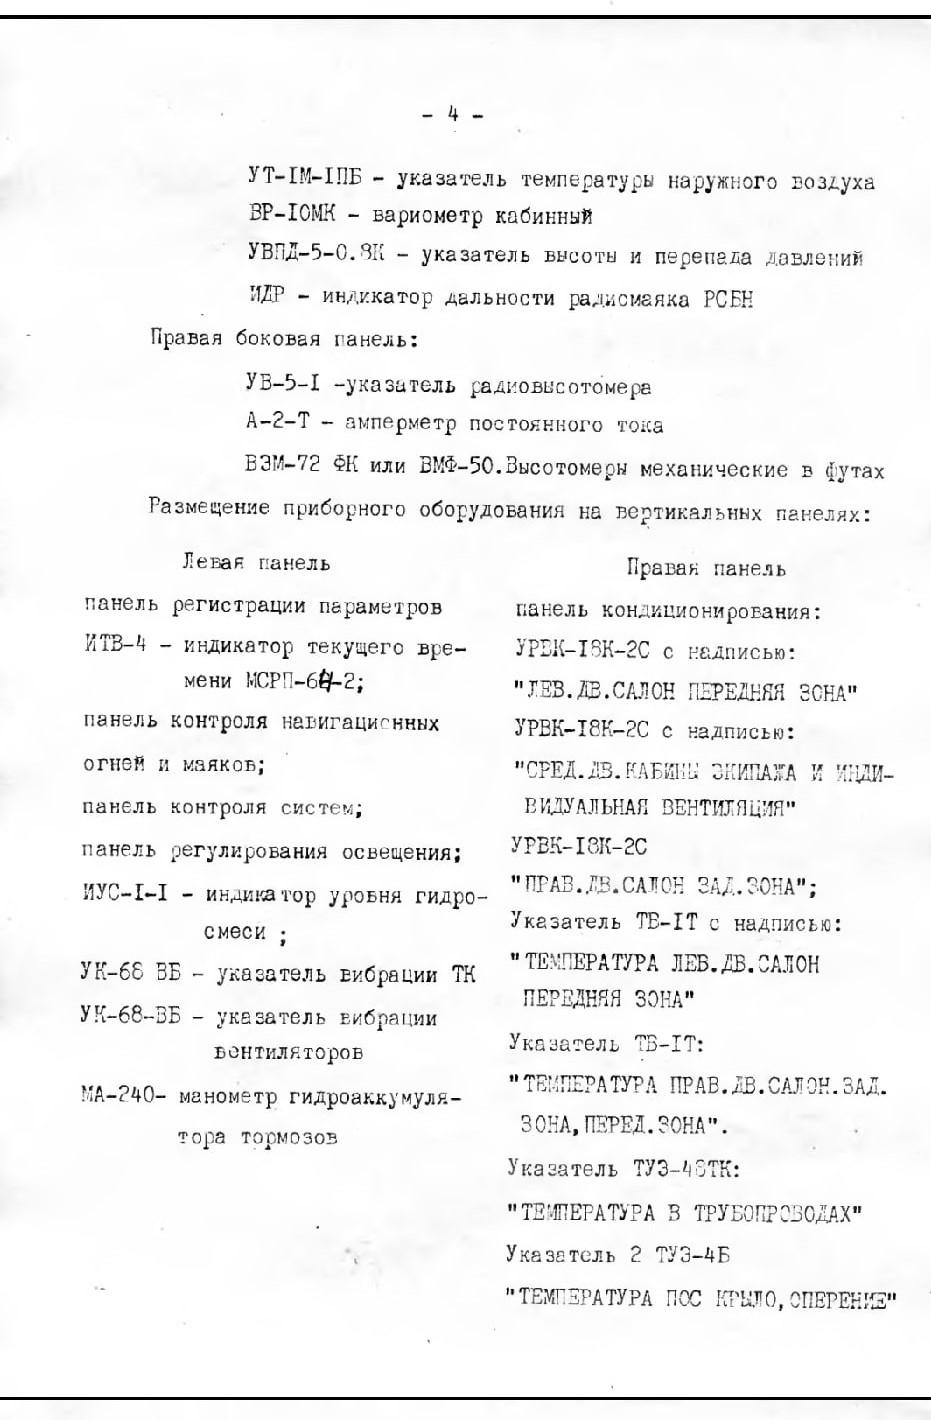 Приборное оборудование самолета Як-42 3.jpg